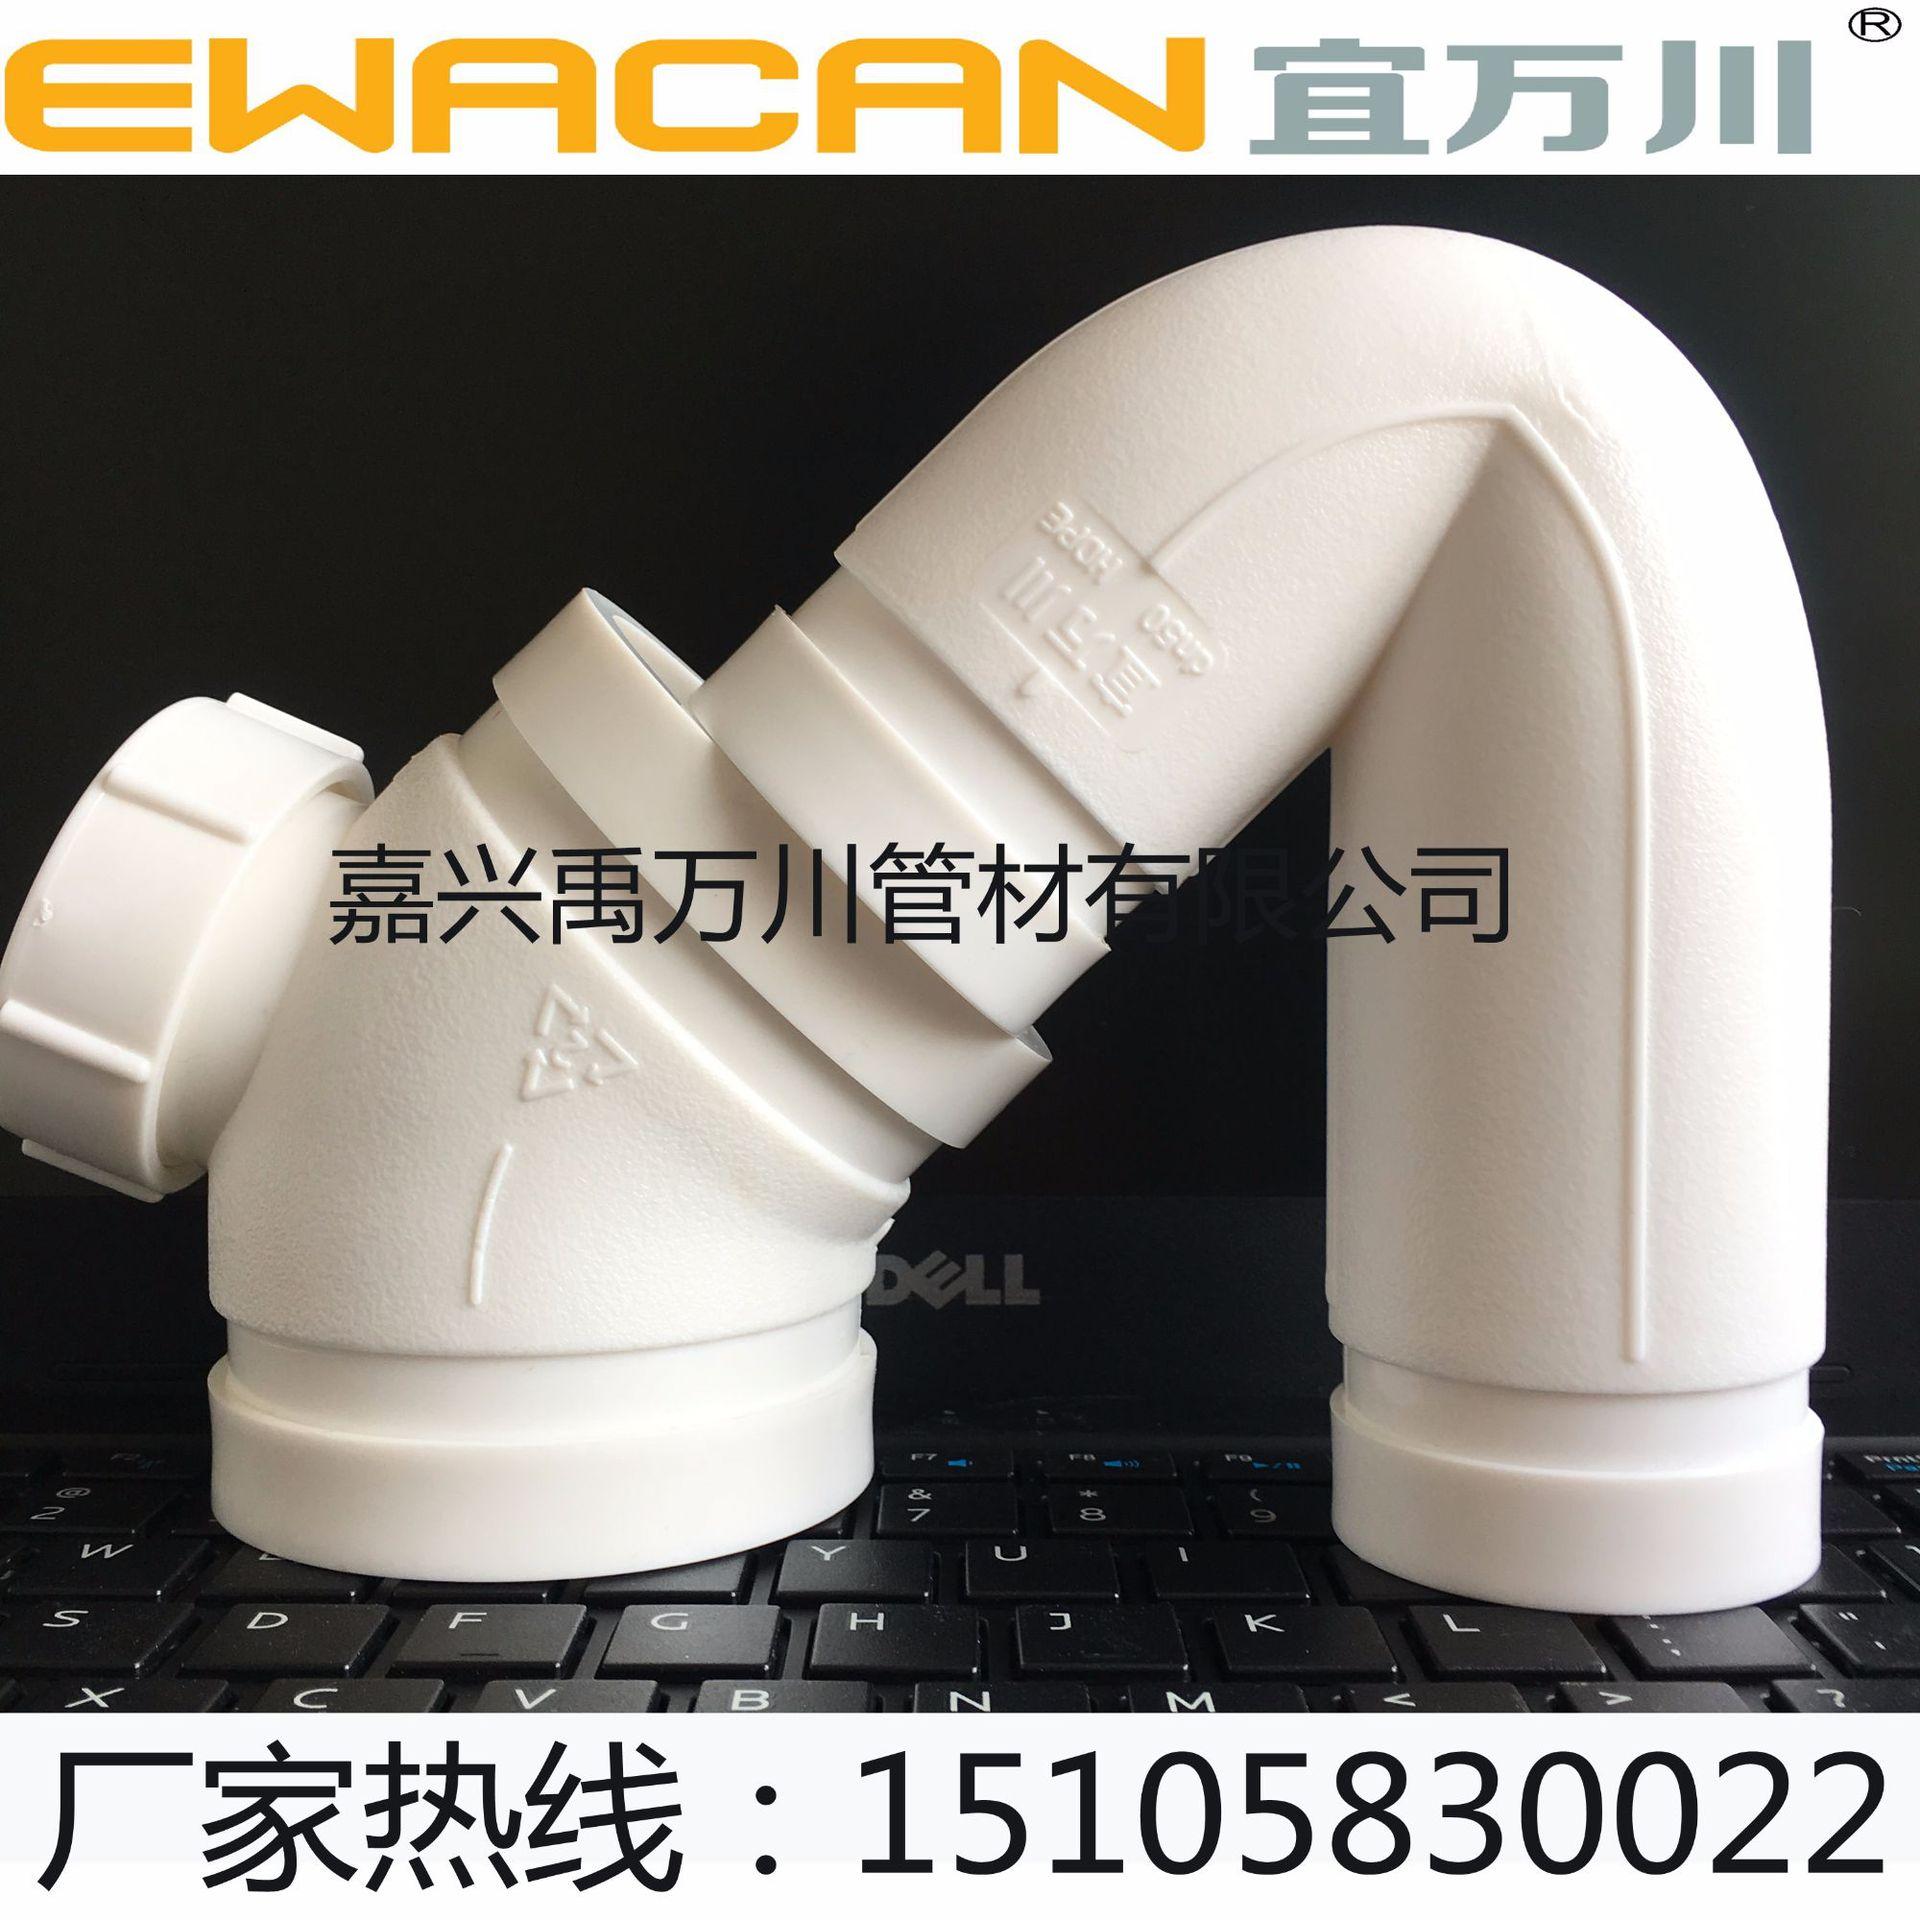 沟槽式HDPE超静音排水管,HDPE沟槽管,PP管,FRPP法兰静音排水管示例图4